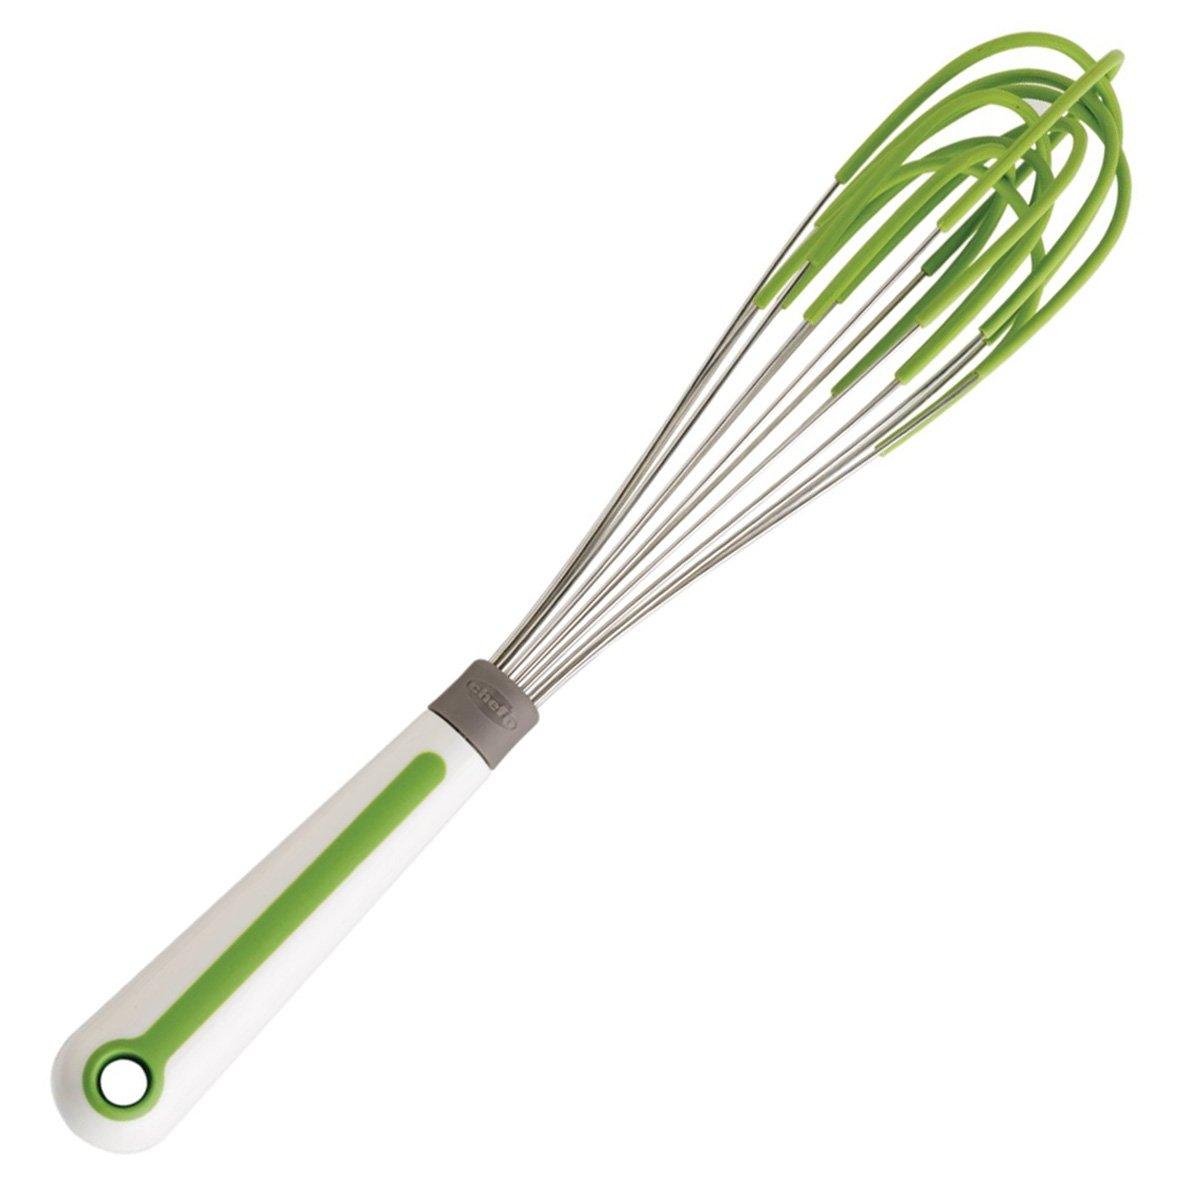 Chef'n FreshForce Silicone Whisk (12.75-Inch)